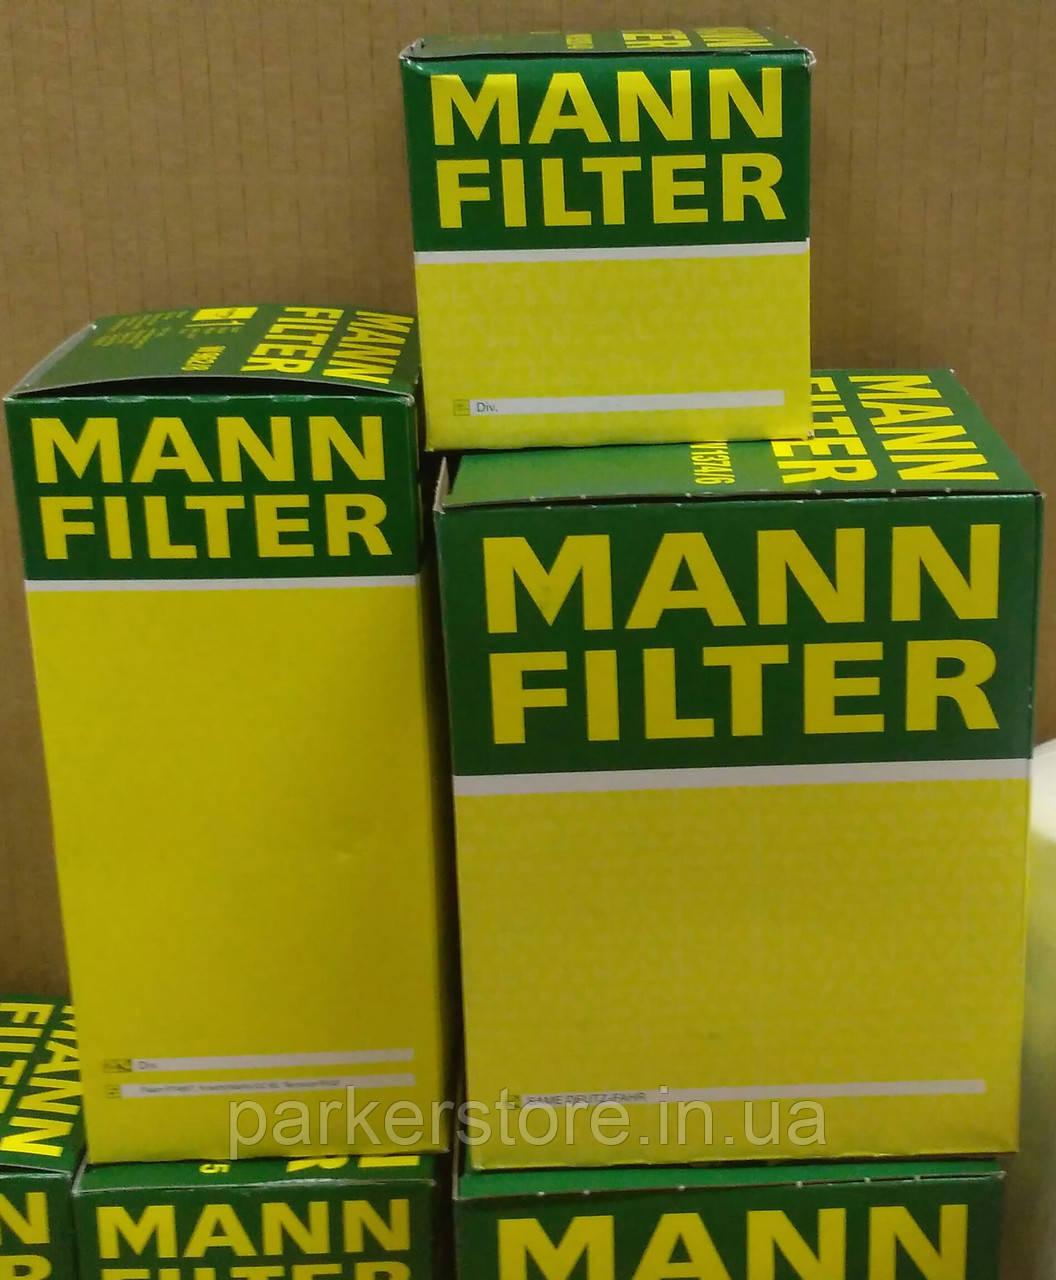 MANN FILTER / Воздушный фильтр / C 31 144 / C31144